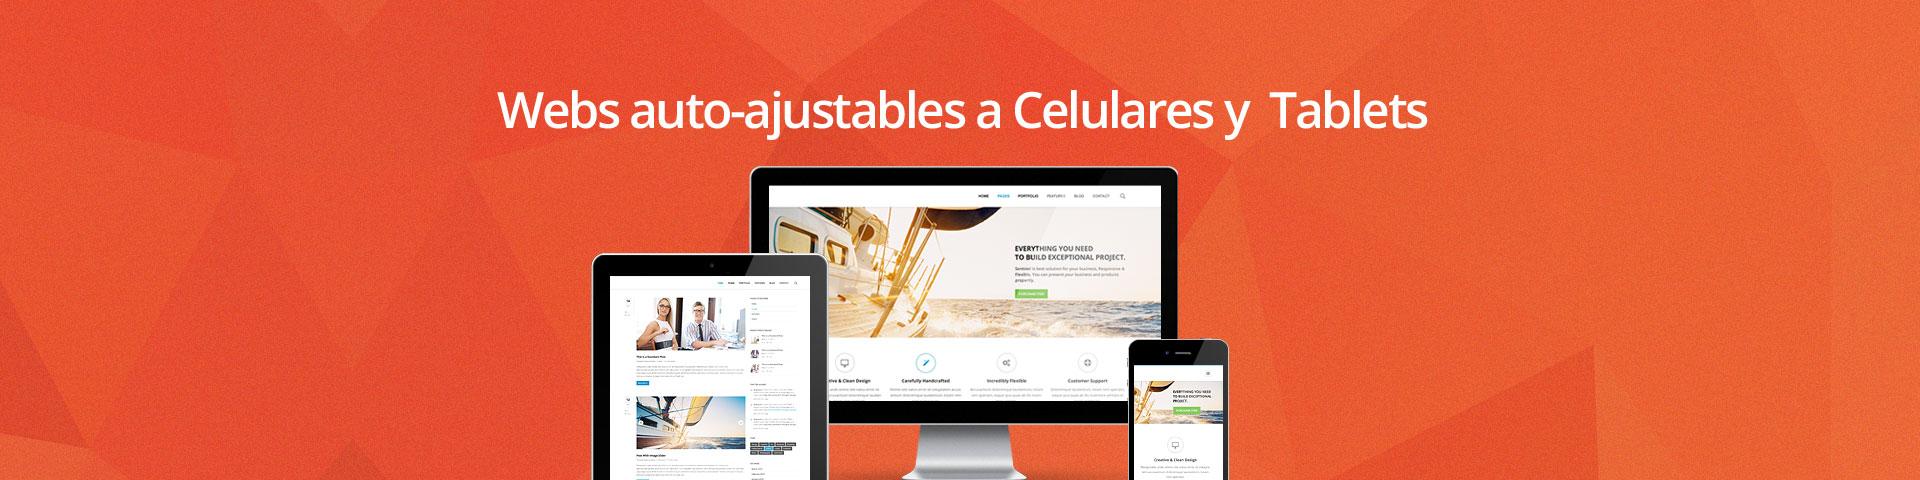 diseño web para celulares y tablets